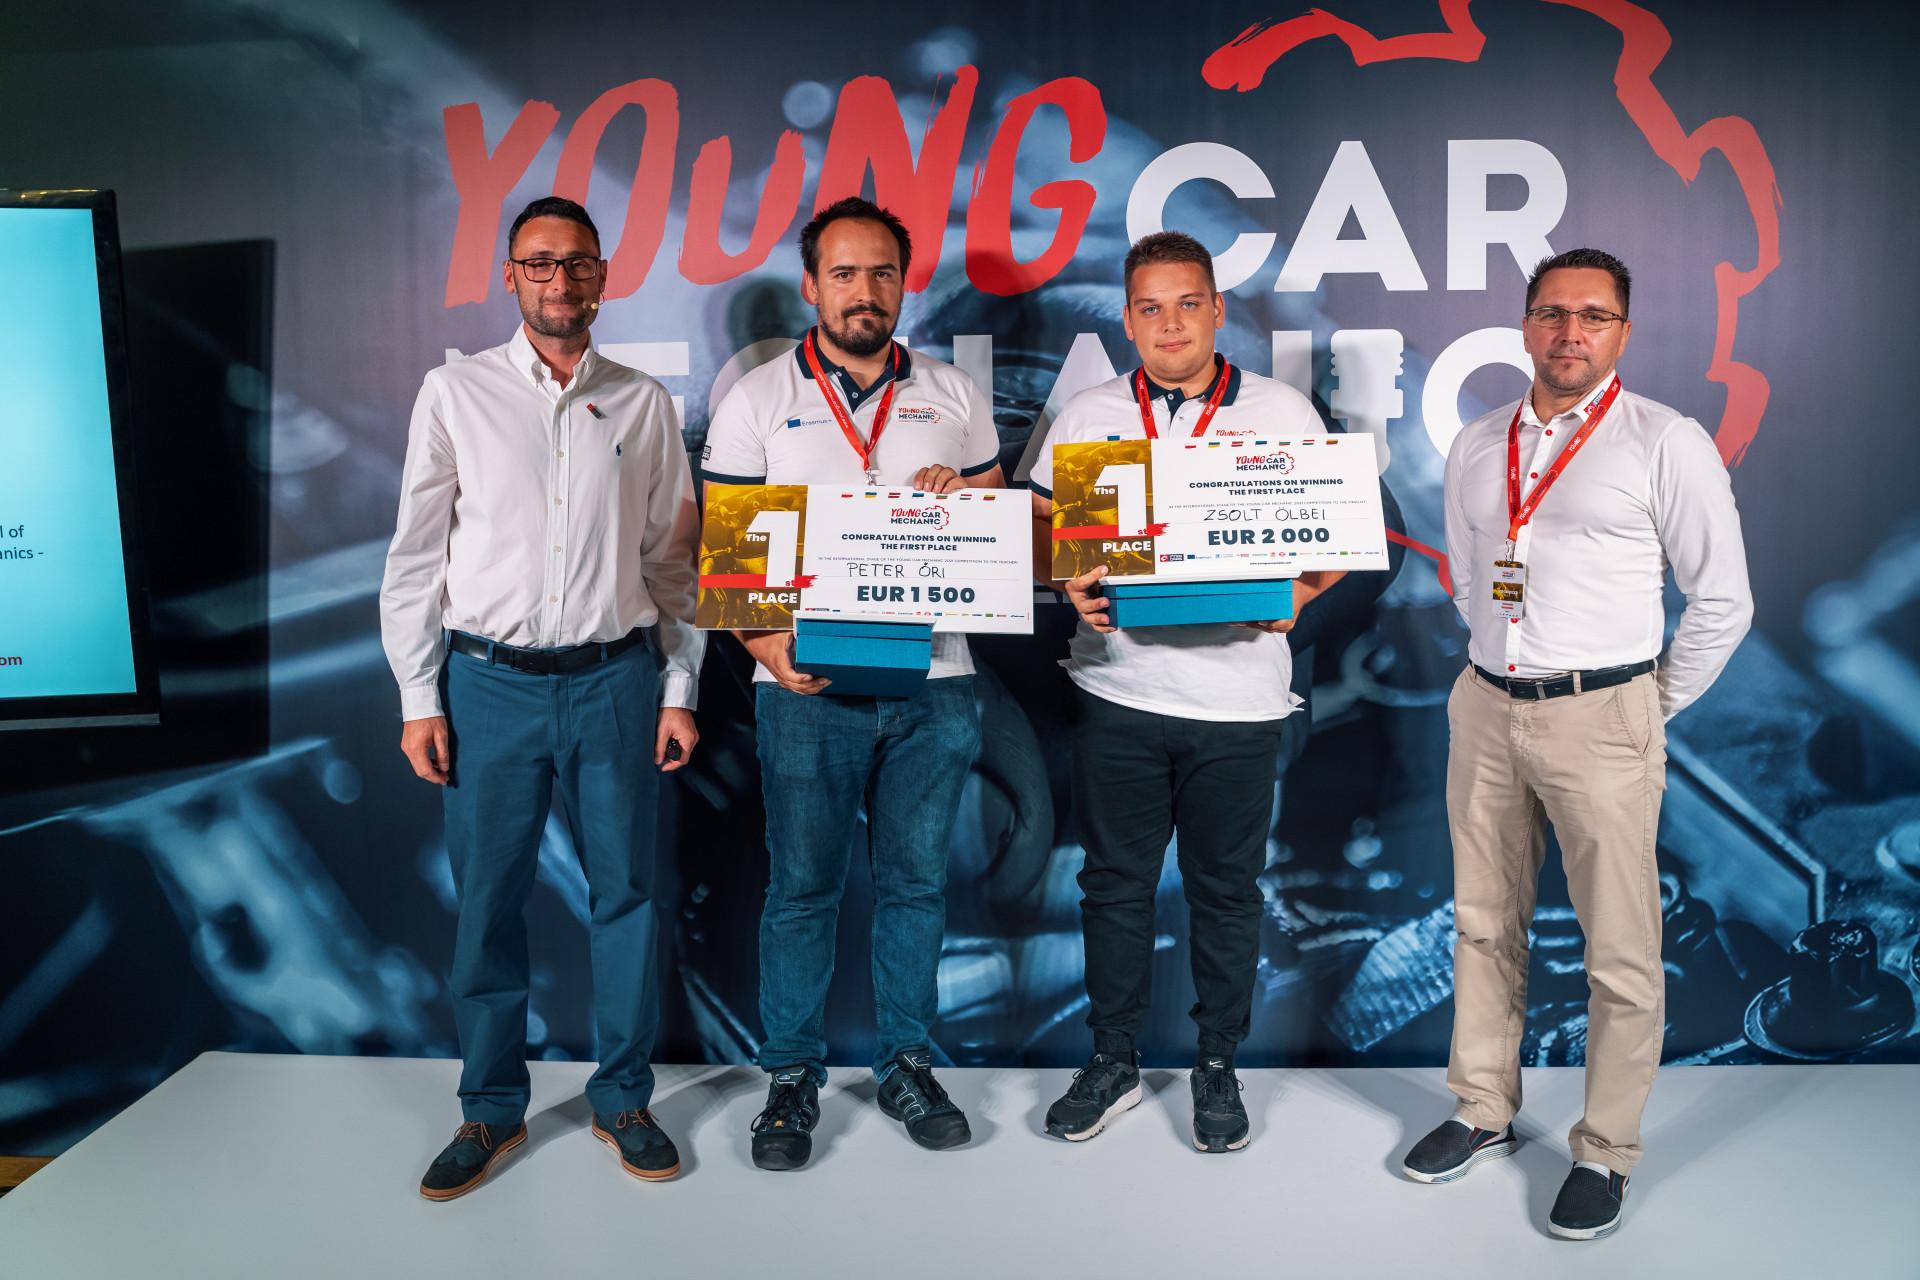 2021 m. jaunojo automechaniko titulas atiteko Vengrijos atstovui Zsoltui Ölbei